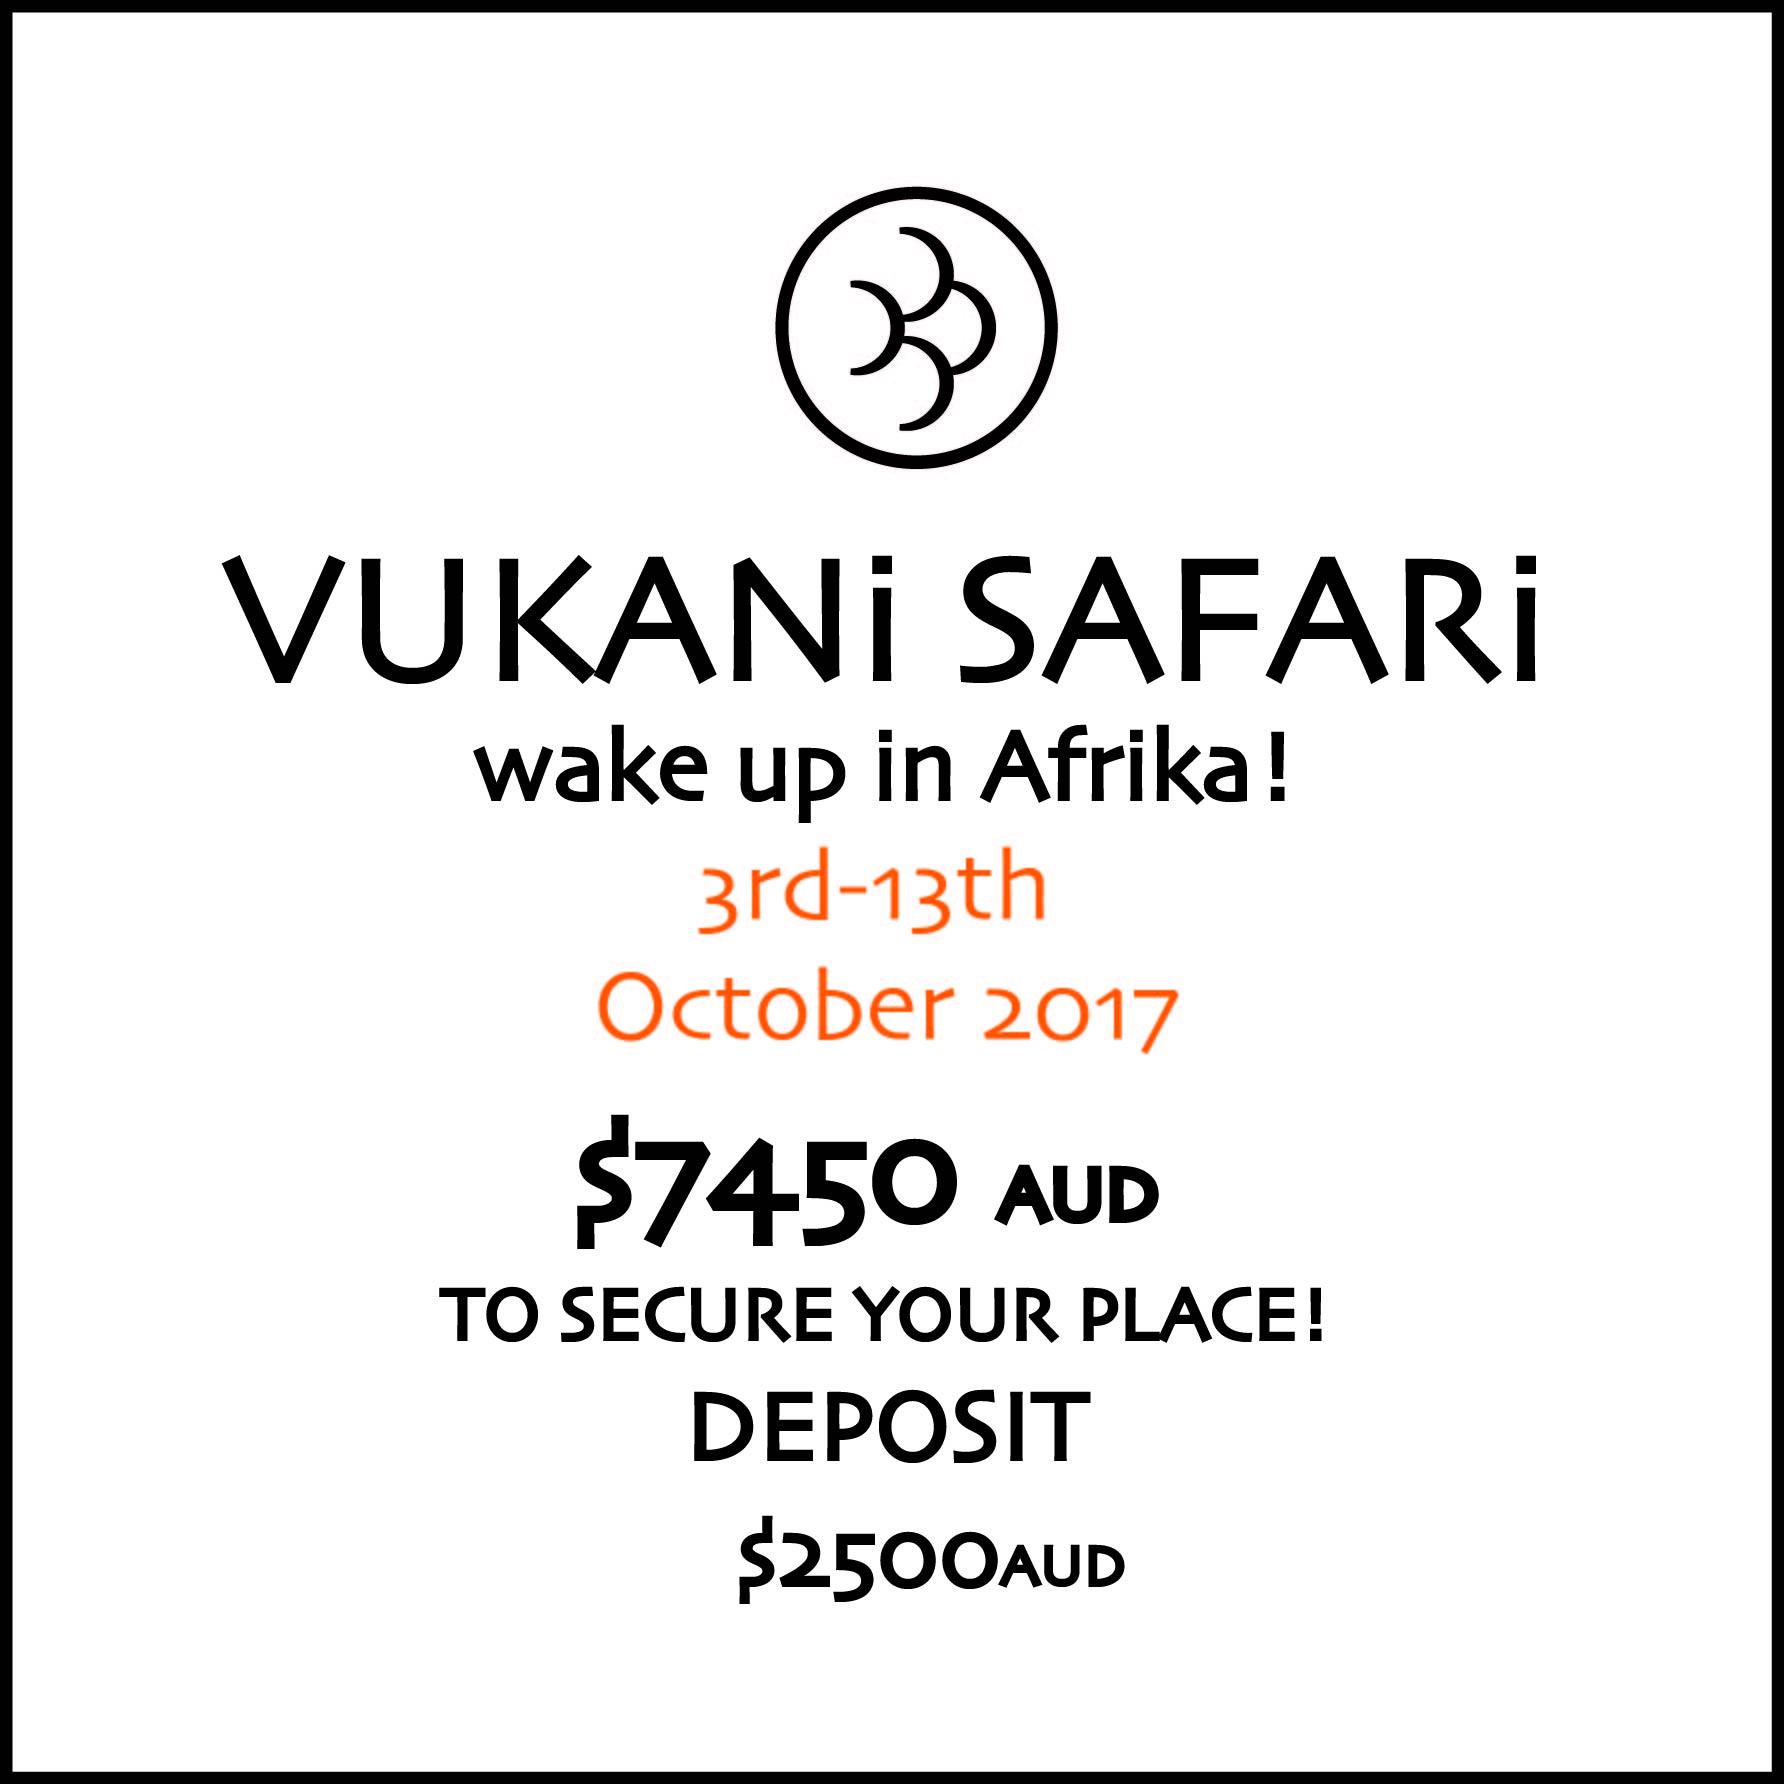 Vukani Safari Deposit A